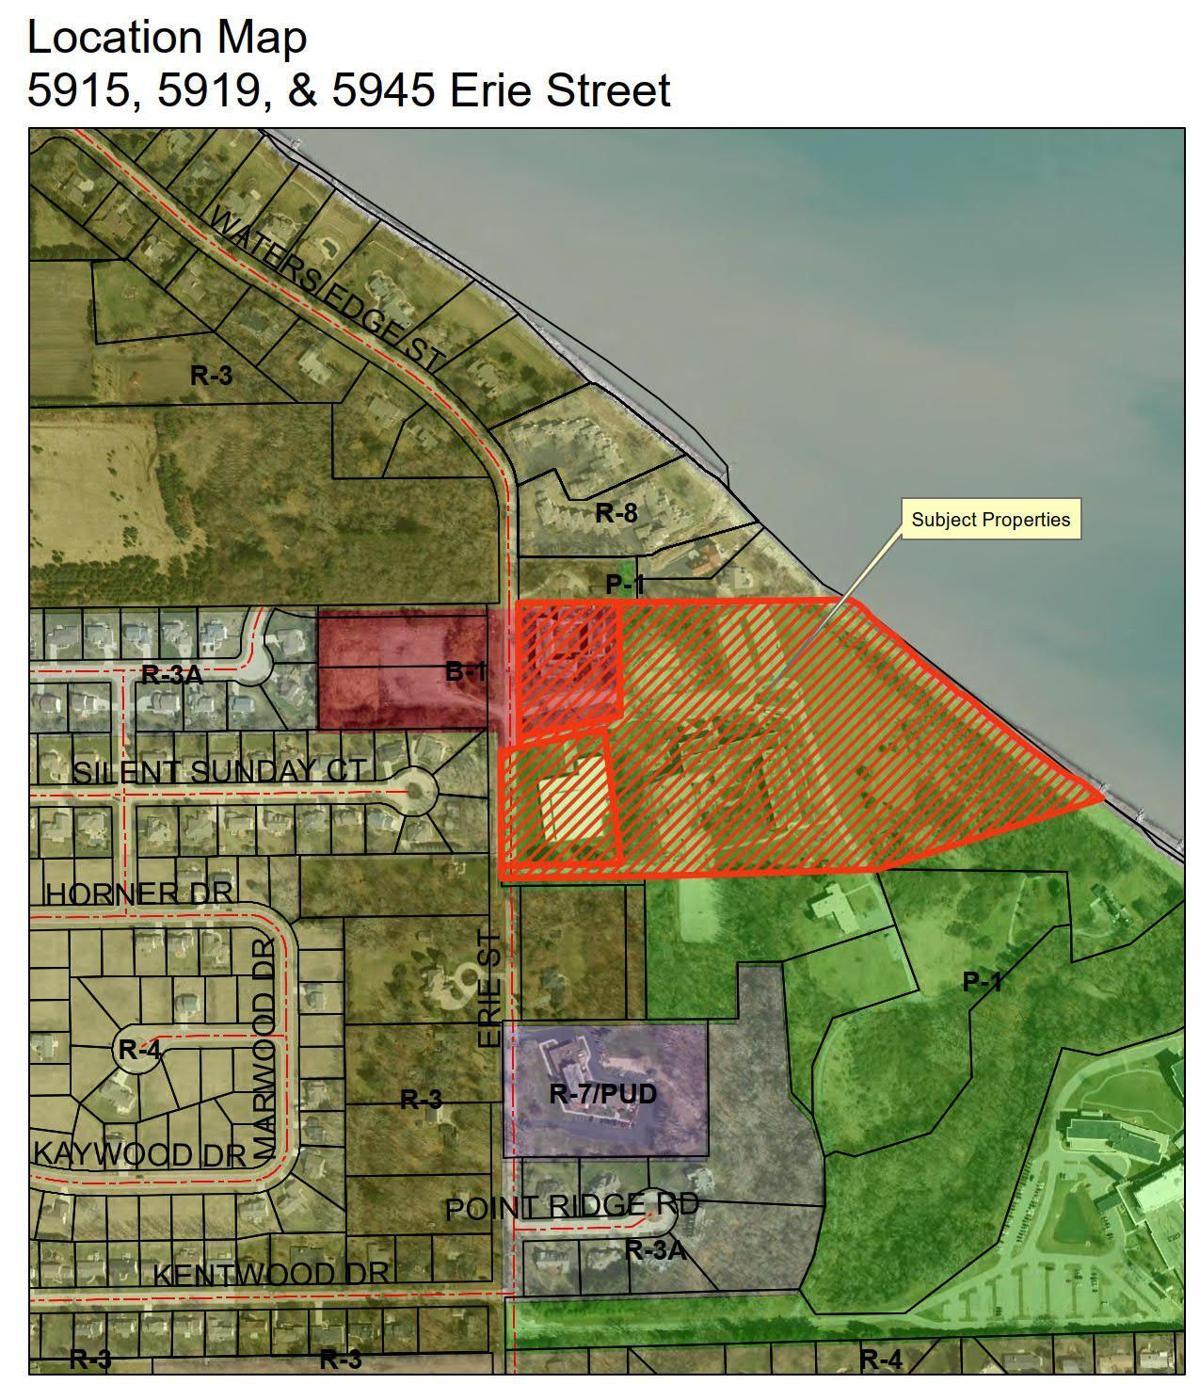 Water's Edge Condominium Development location